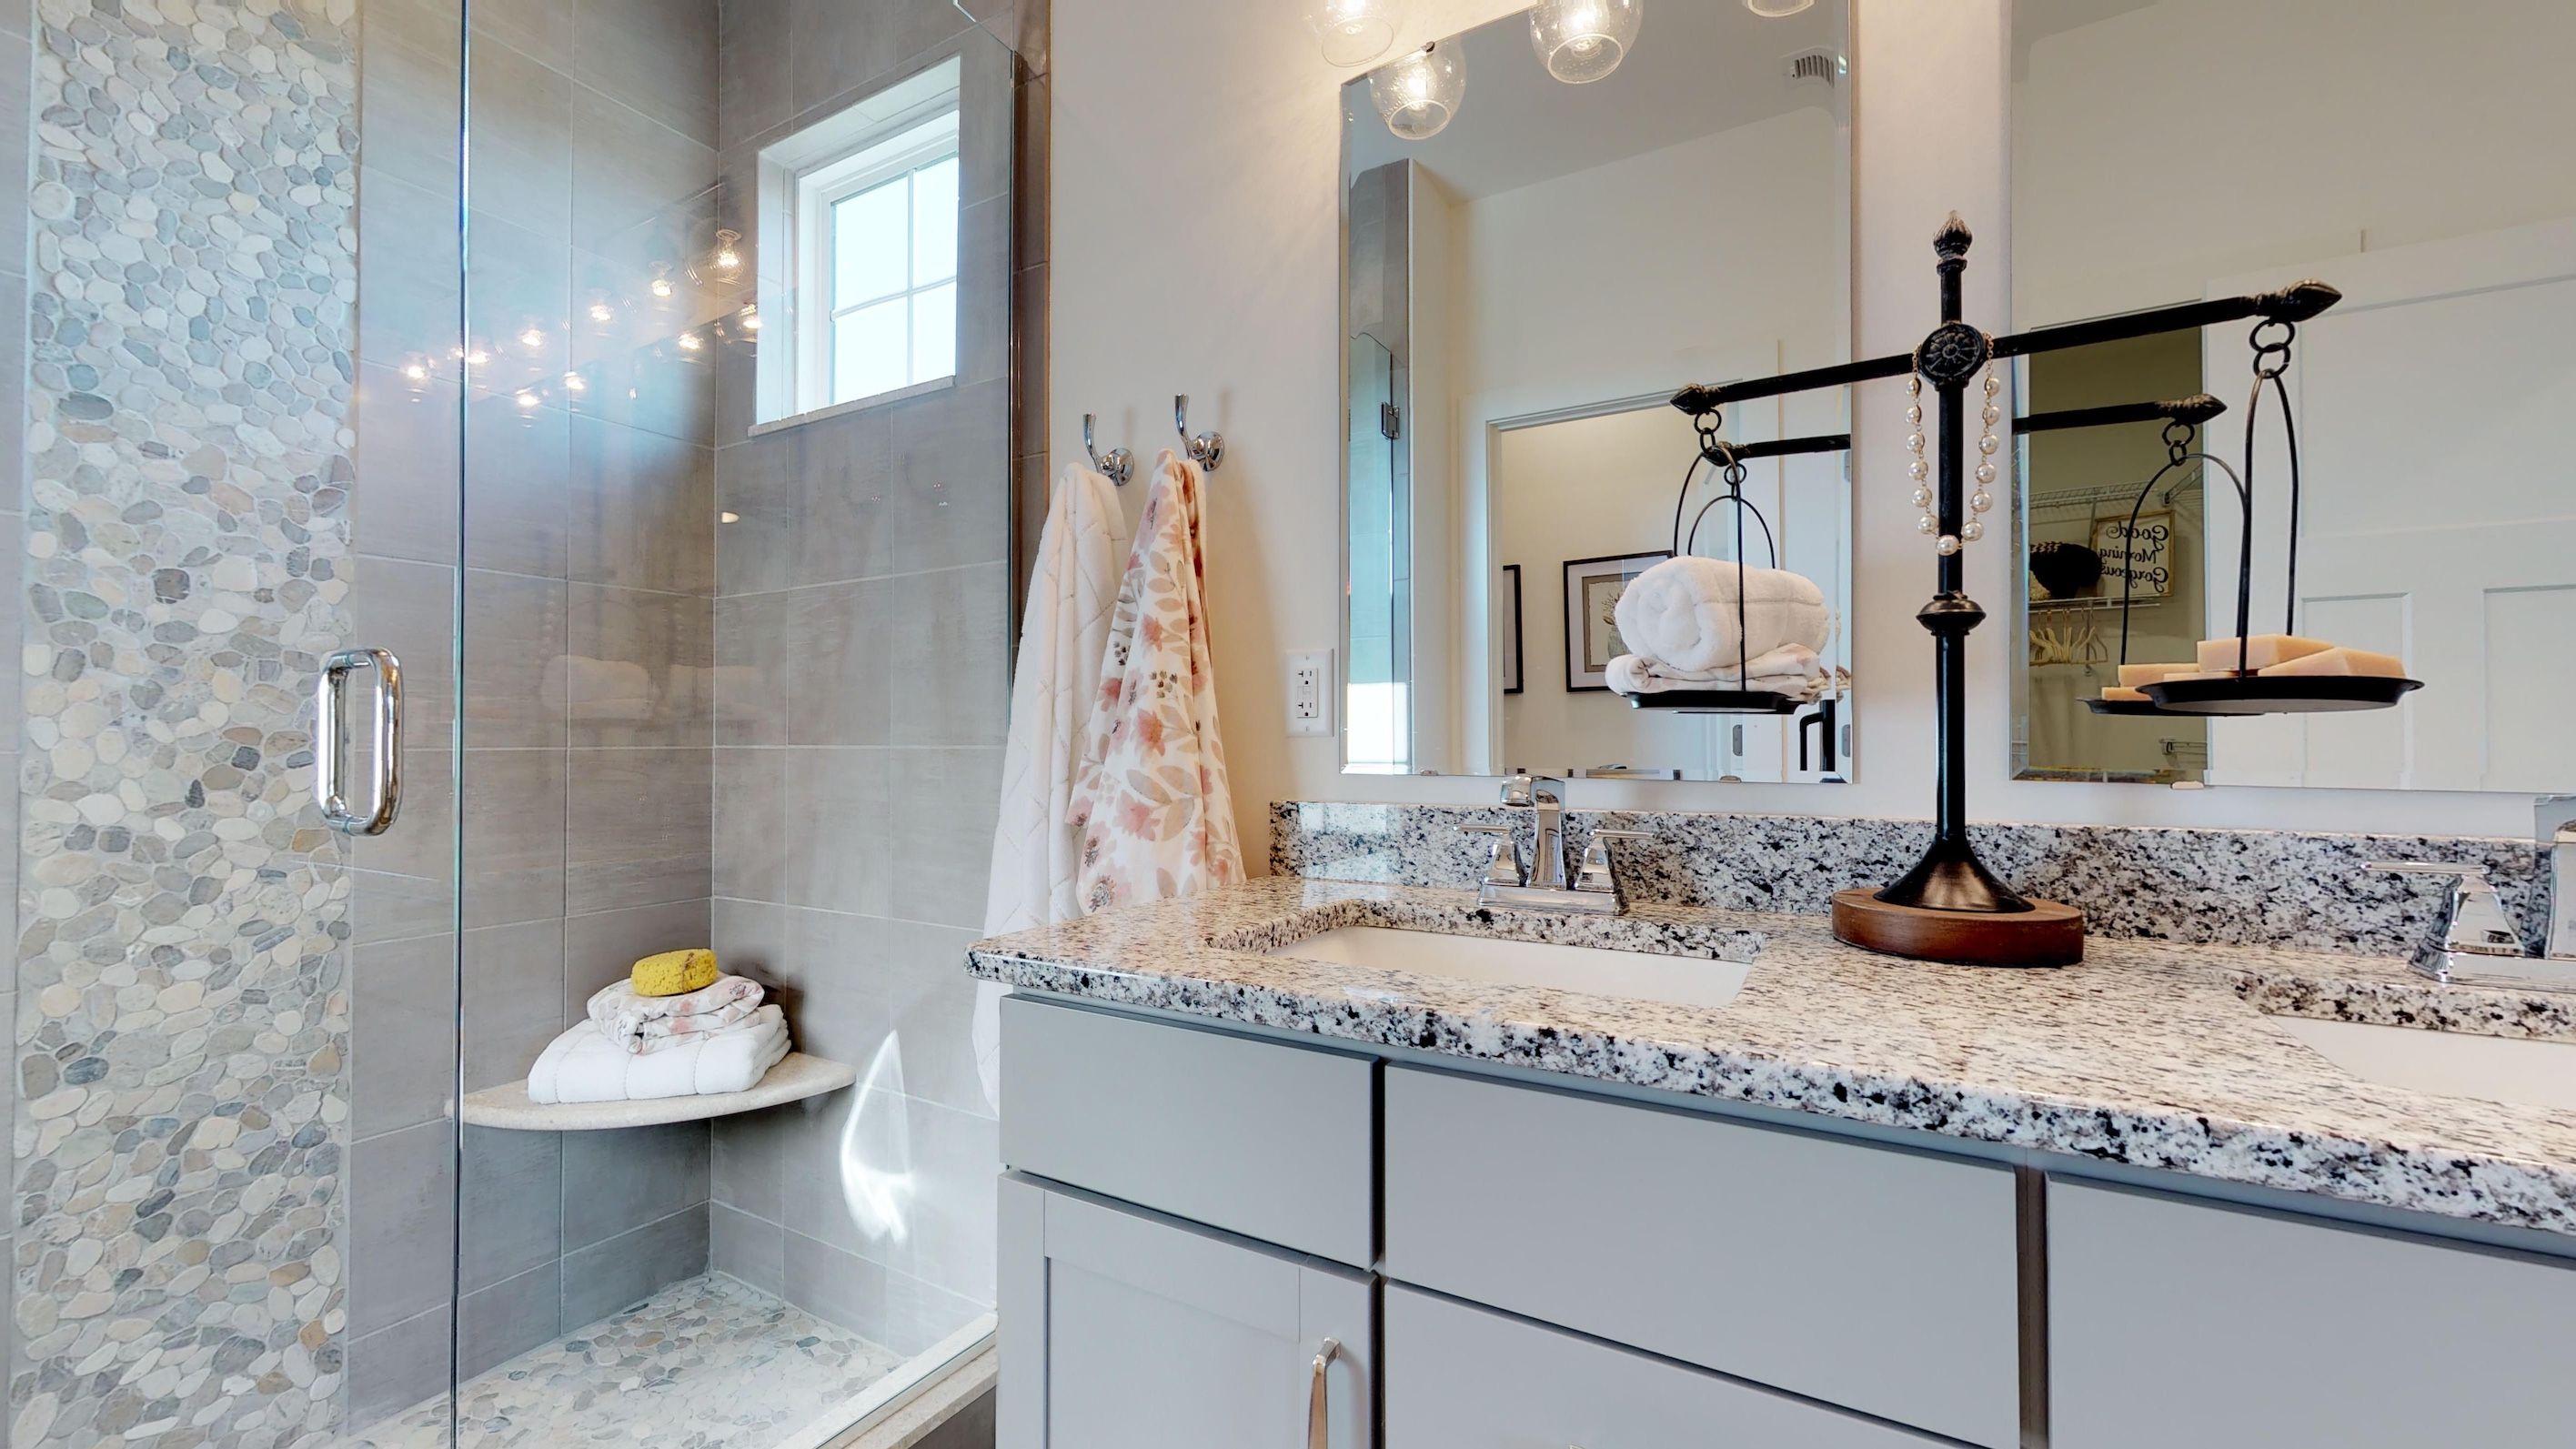 National craftsman c floor plan ownerus bath bellefield at